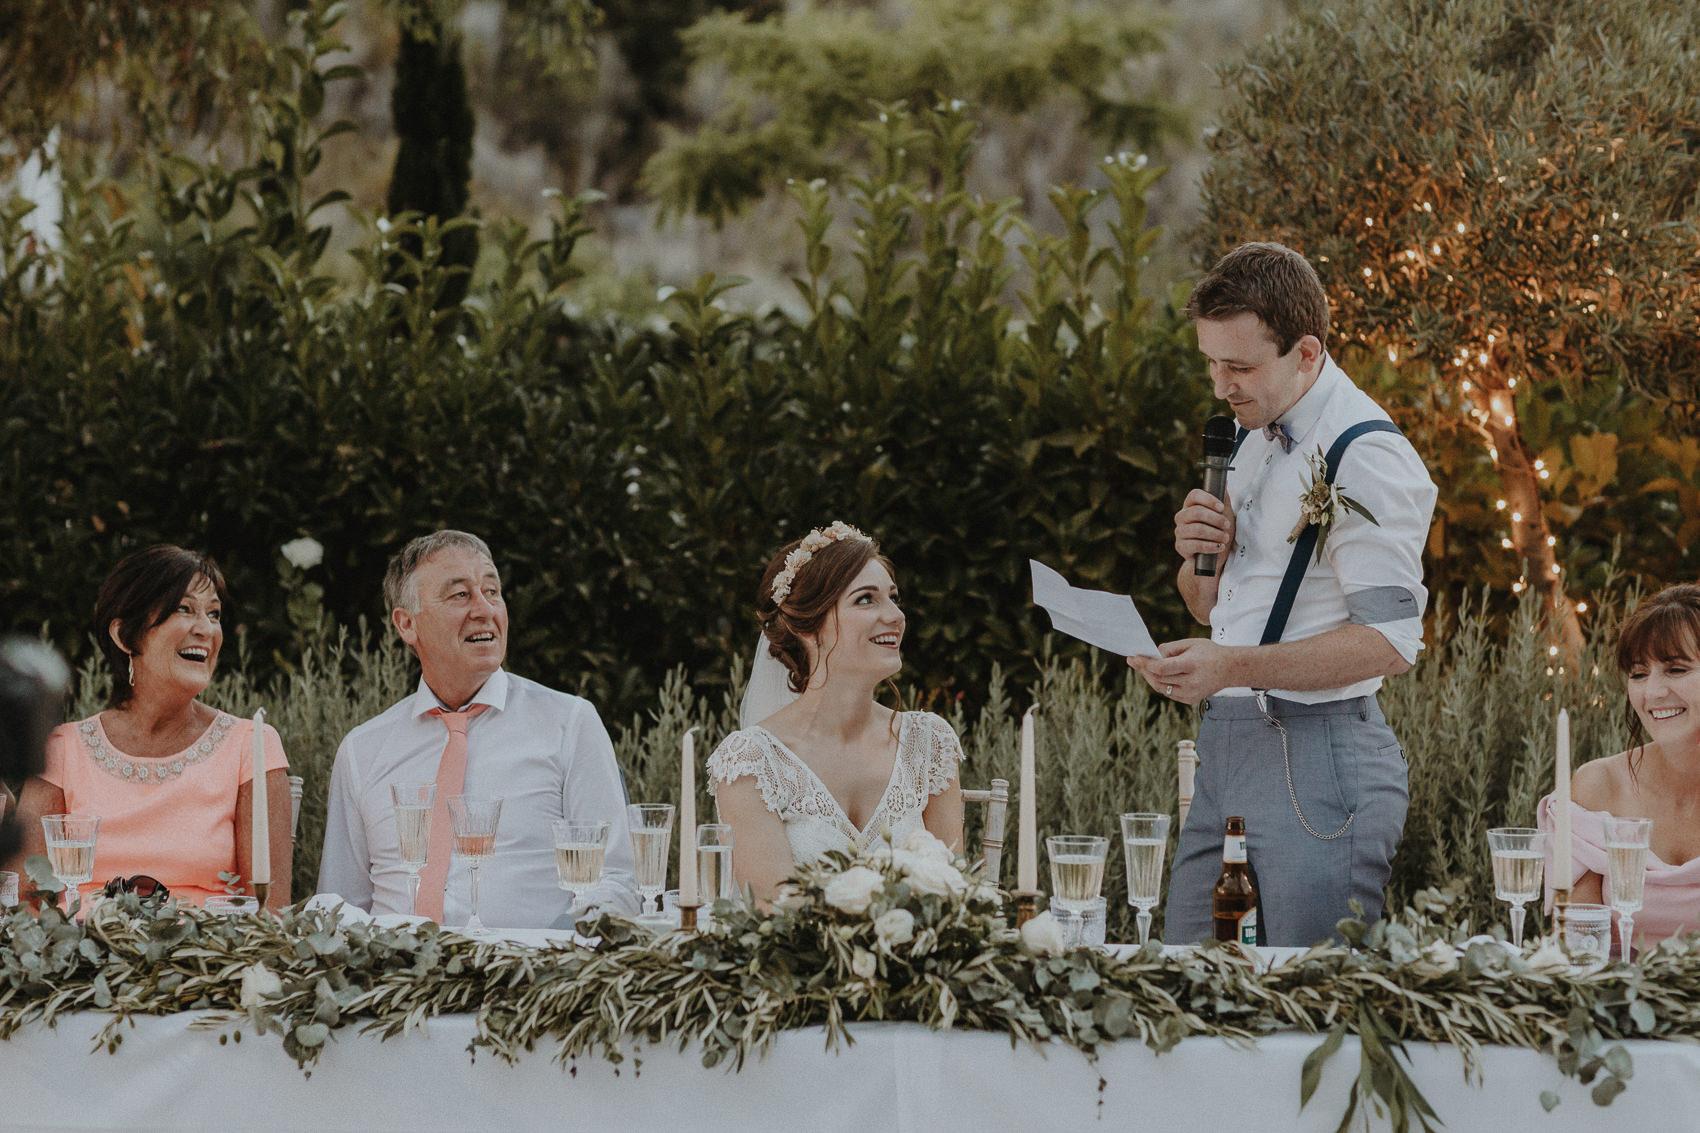 Sarah & Bill | Summer wedding at Cortijo Rosa Blanca | Marbella - Spain 149